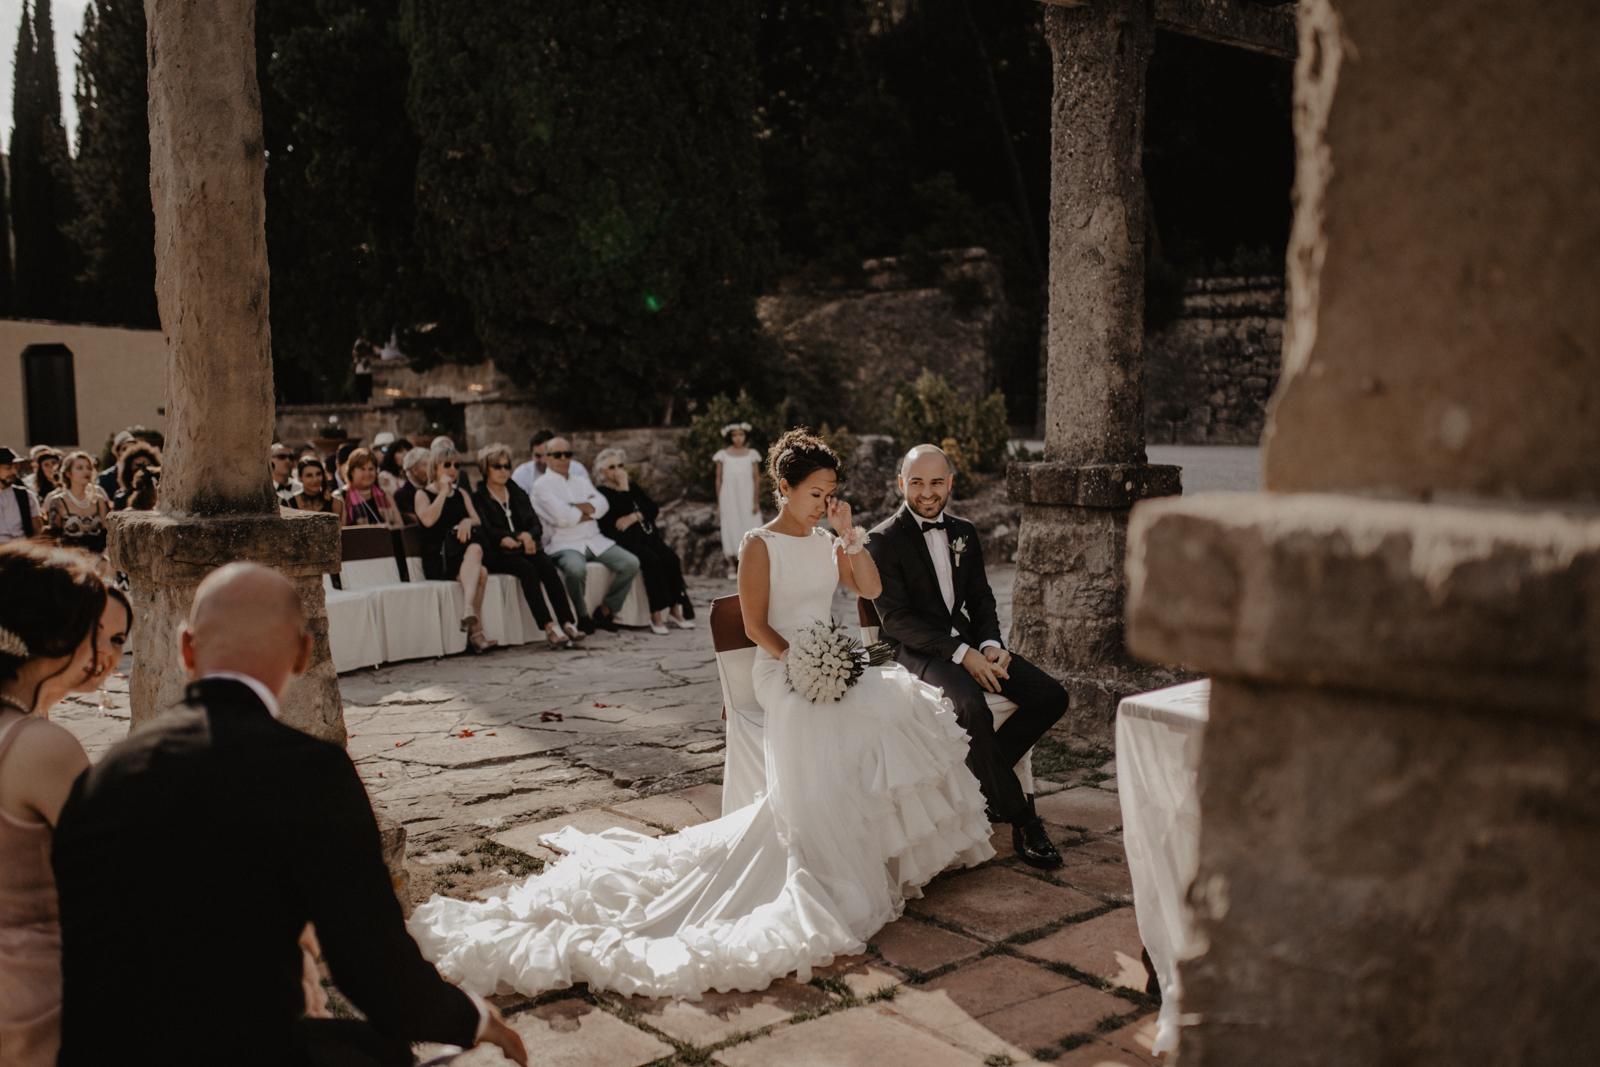 thenortherngirlphotography_photography_thenortherngirl_rebeccascabros_wedding_weddingphotography_weddingphotographer_barcelona_bodaenlabaronia_labaronia_japanesewedding_destinationwedding_shokoalbert-408.jpg